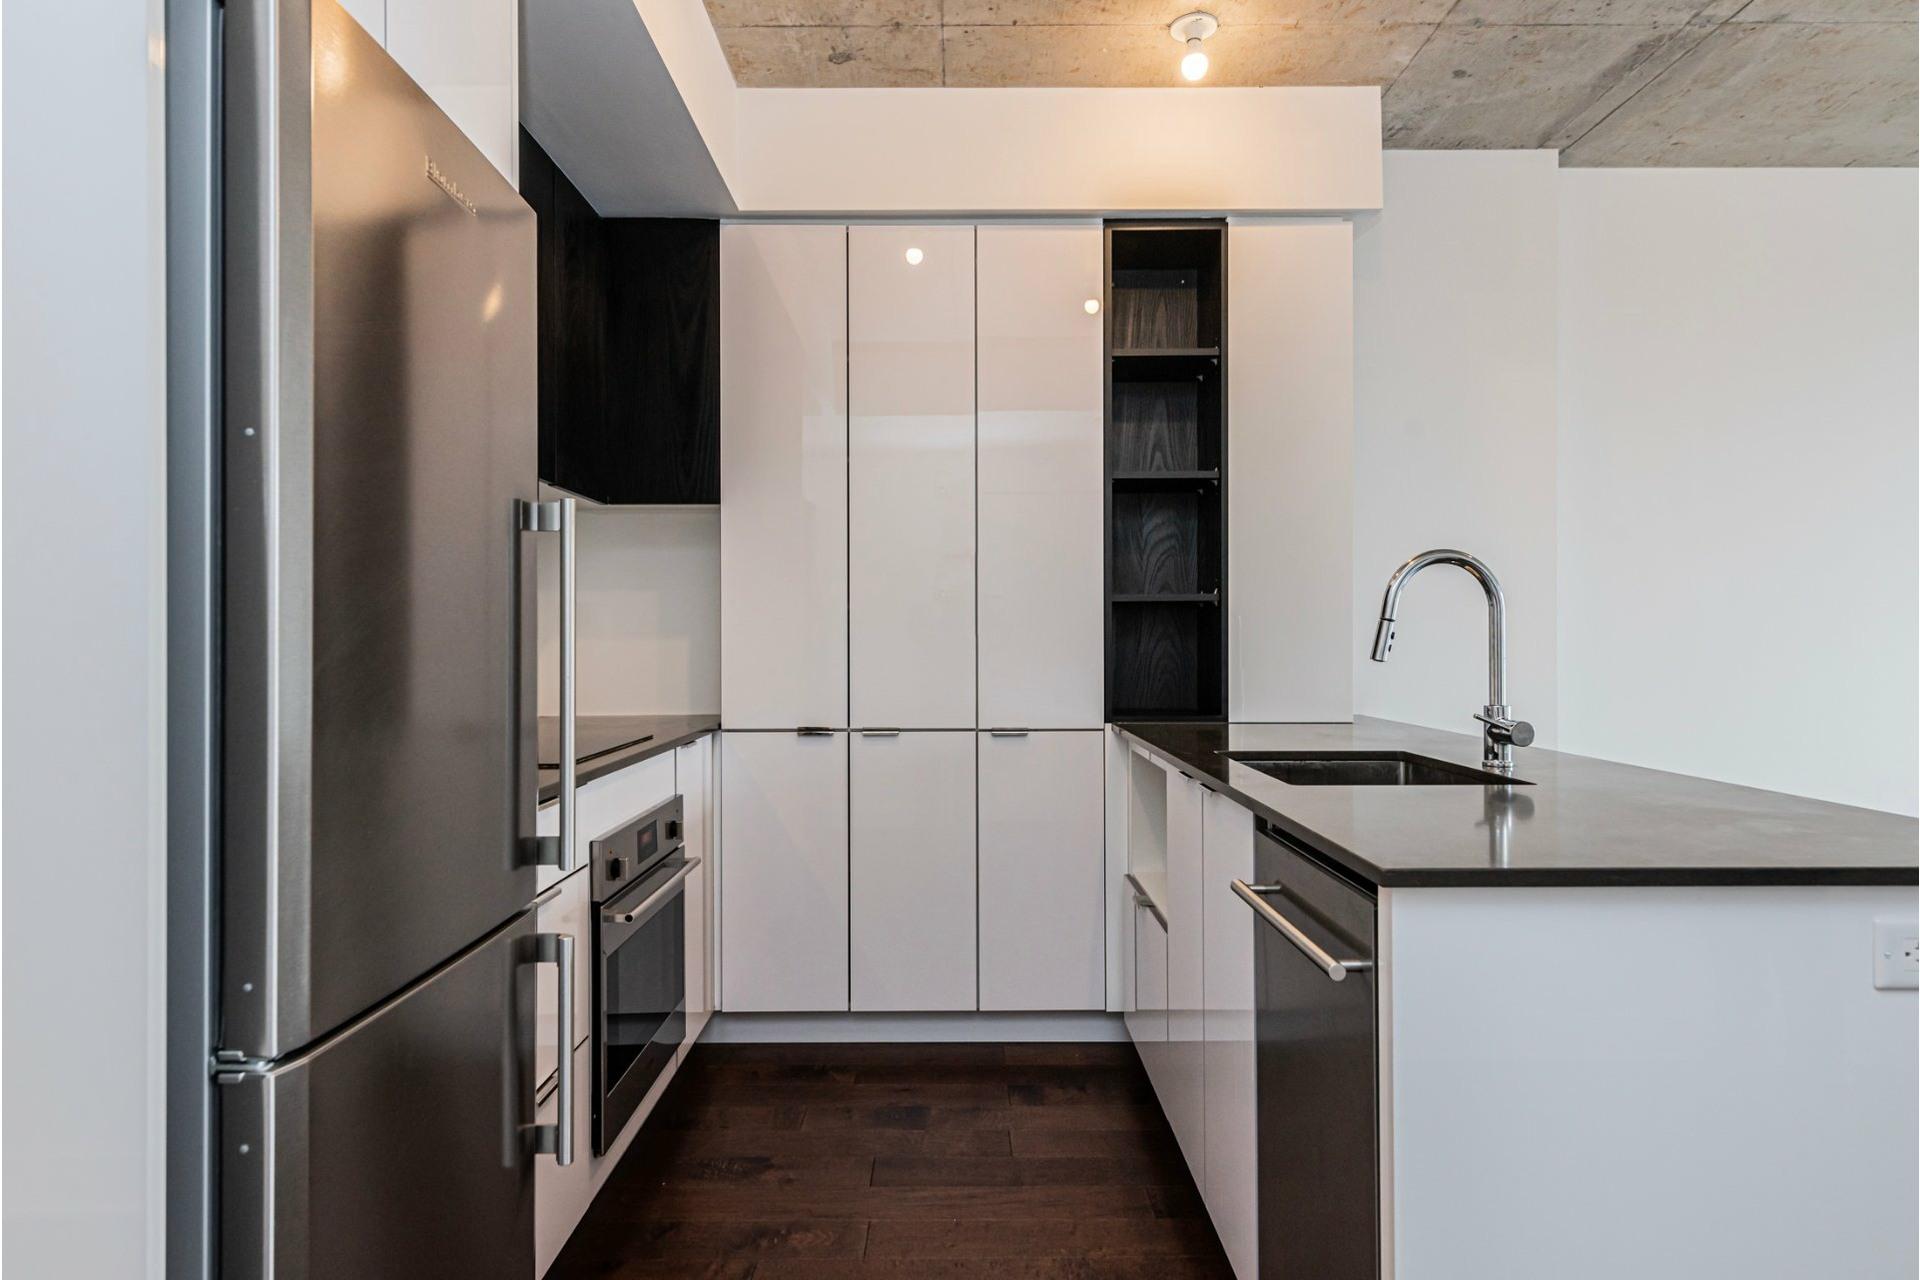 image 4 - Appartement À louer Côte-des-Neiges/Notre-Dame-de-Grâce Montréal  - 6 pièces